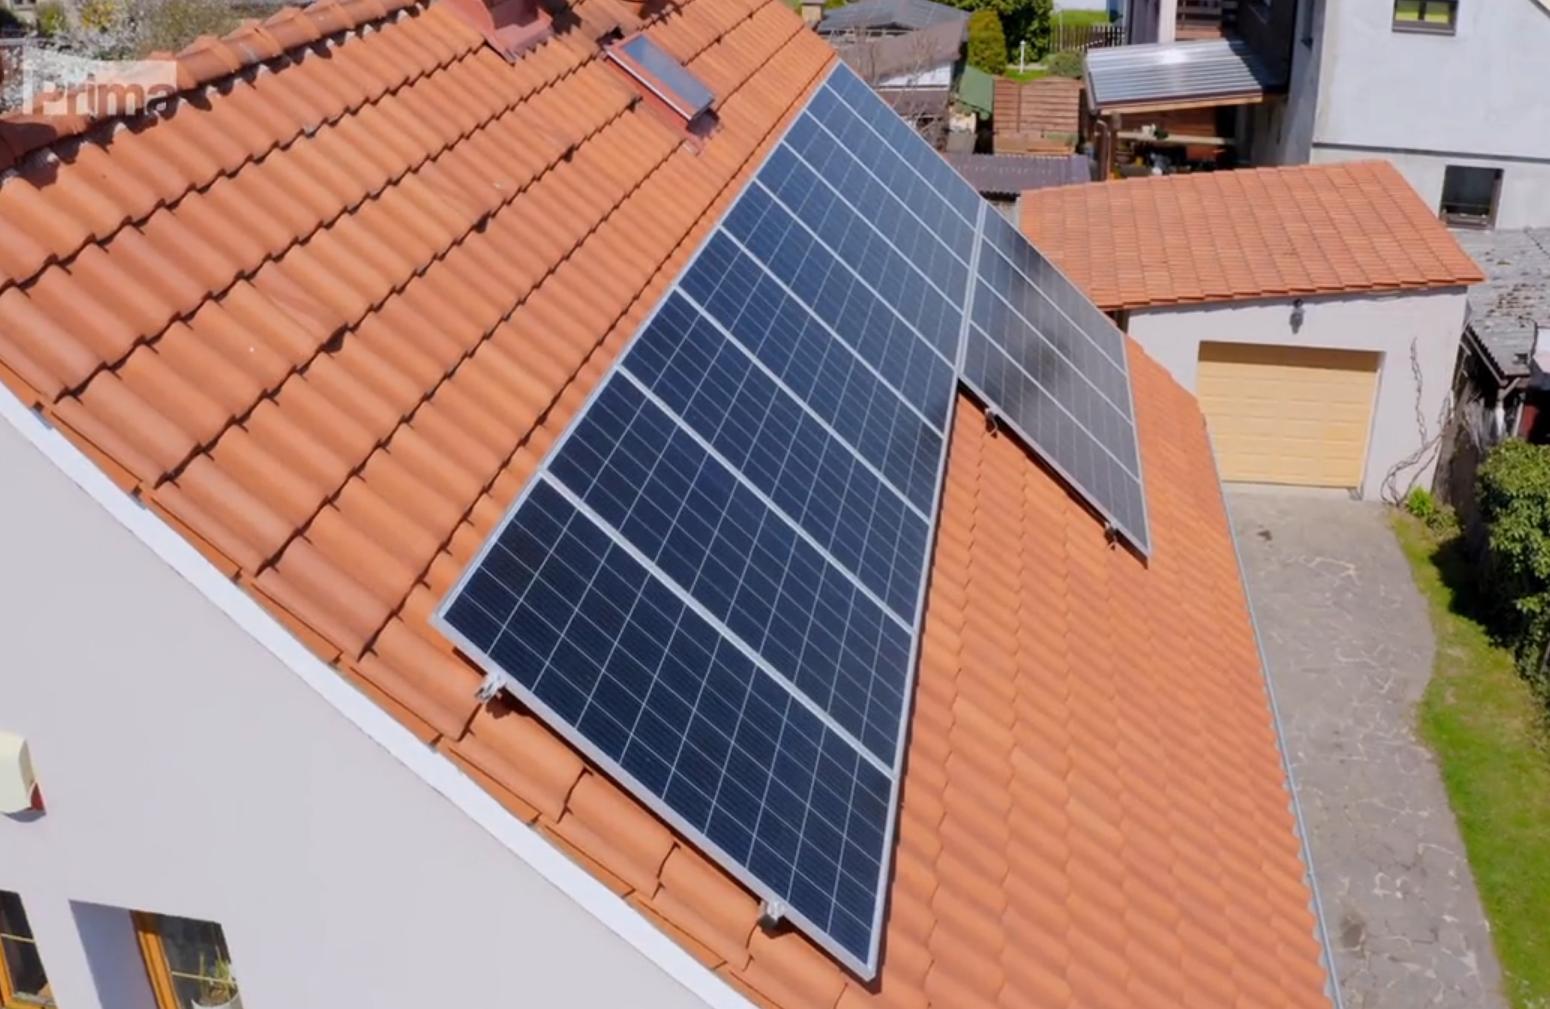 Jak získat od slunce co nejvíce aneb Správné umístění fotovoltaiky na střeše domu